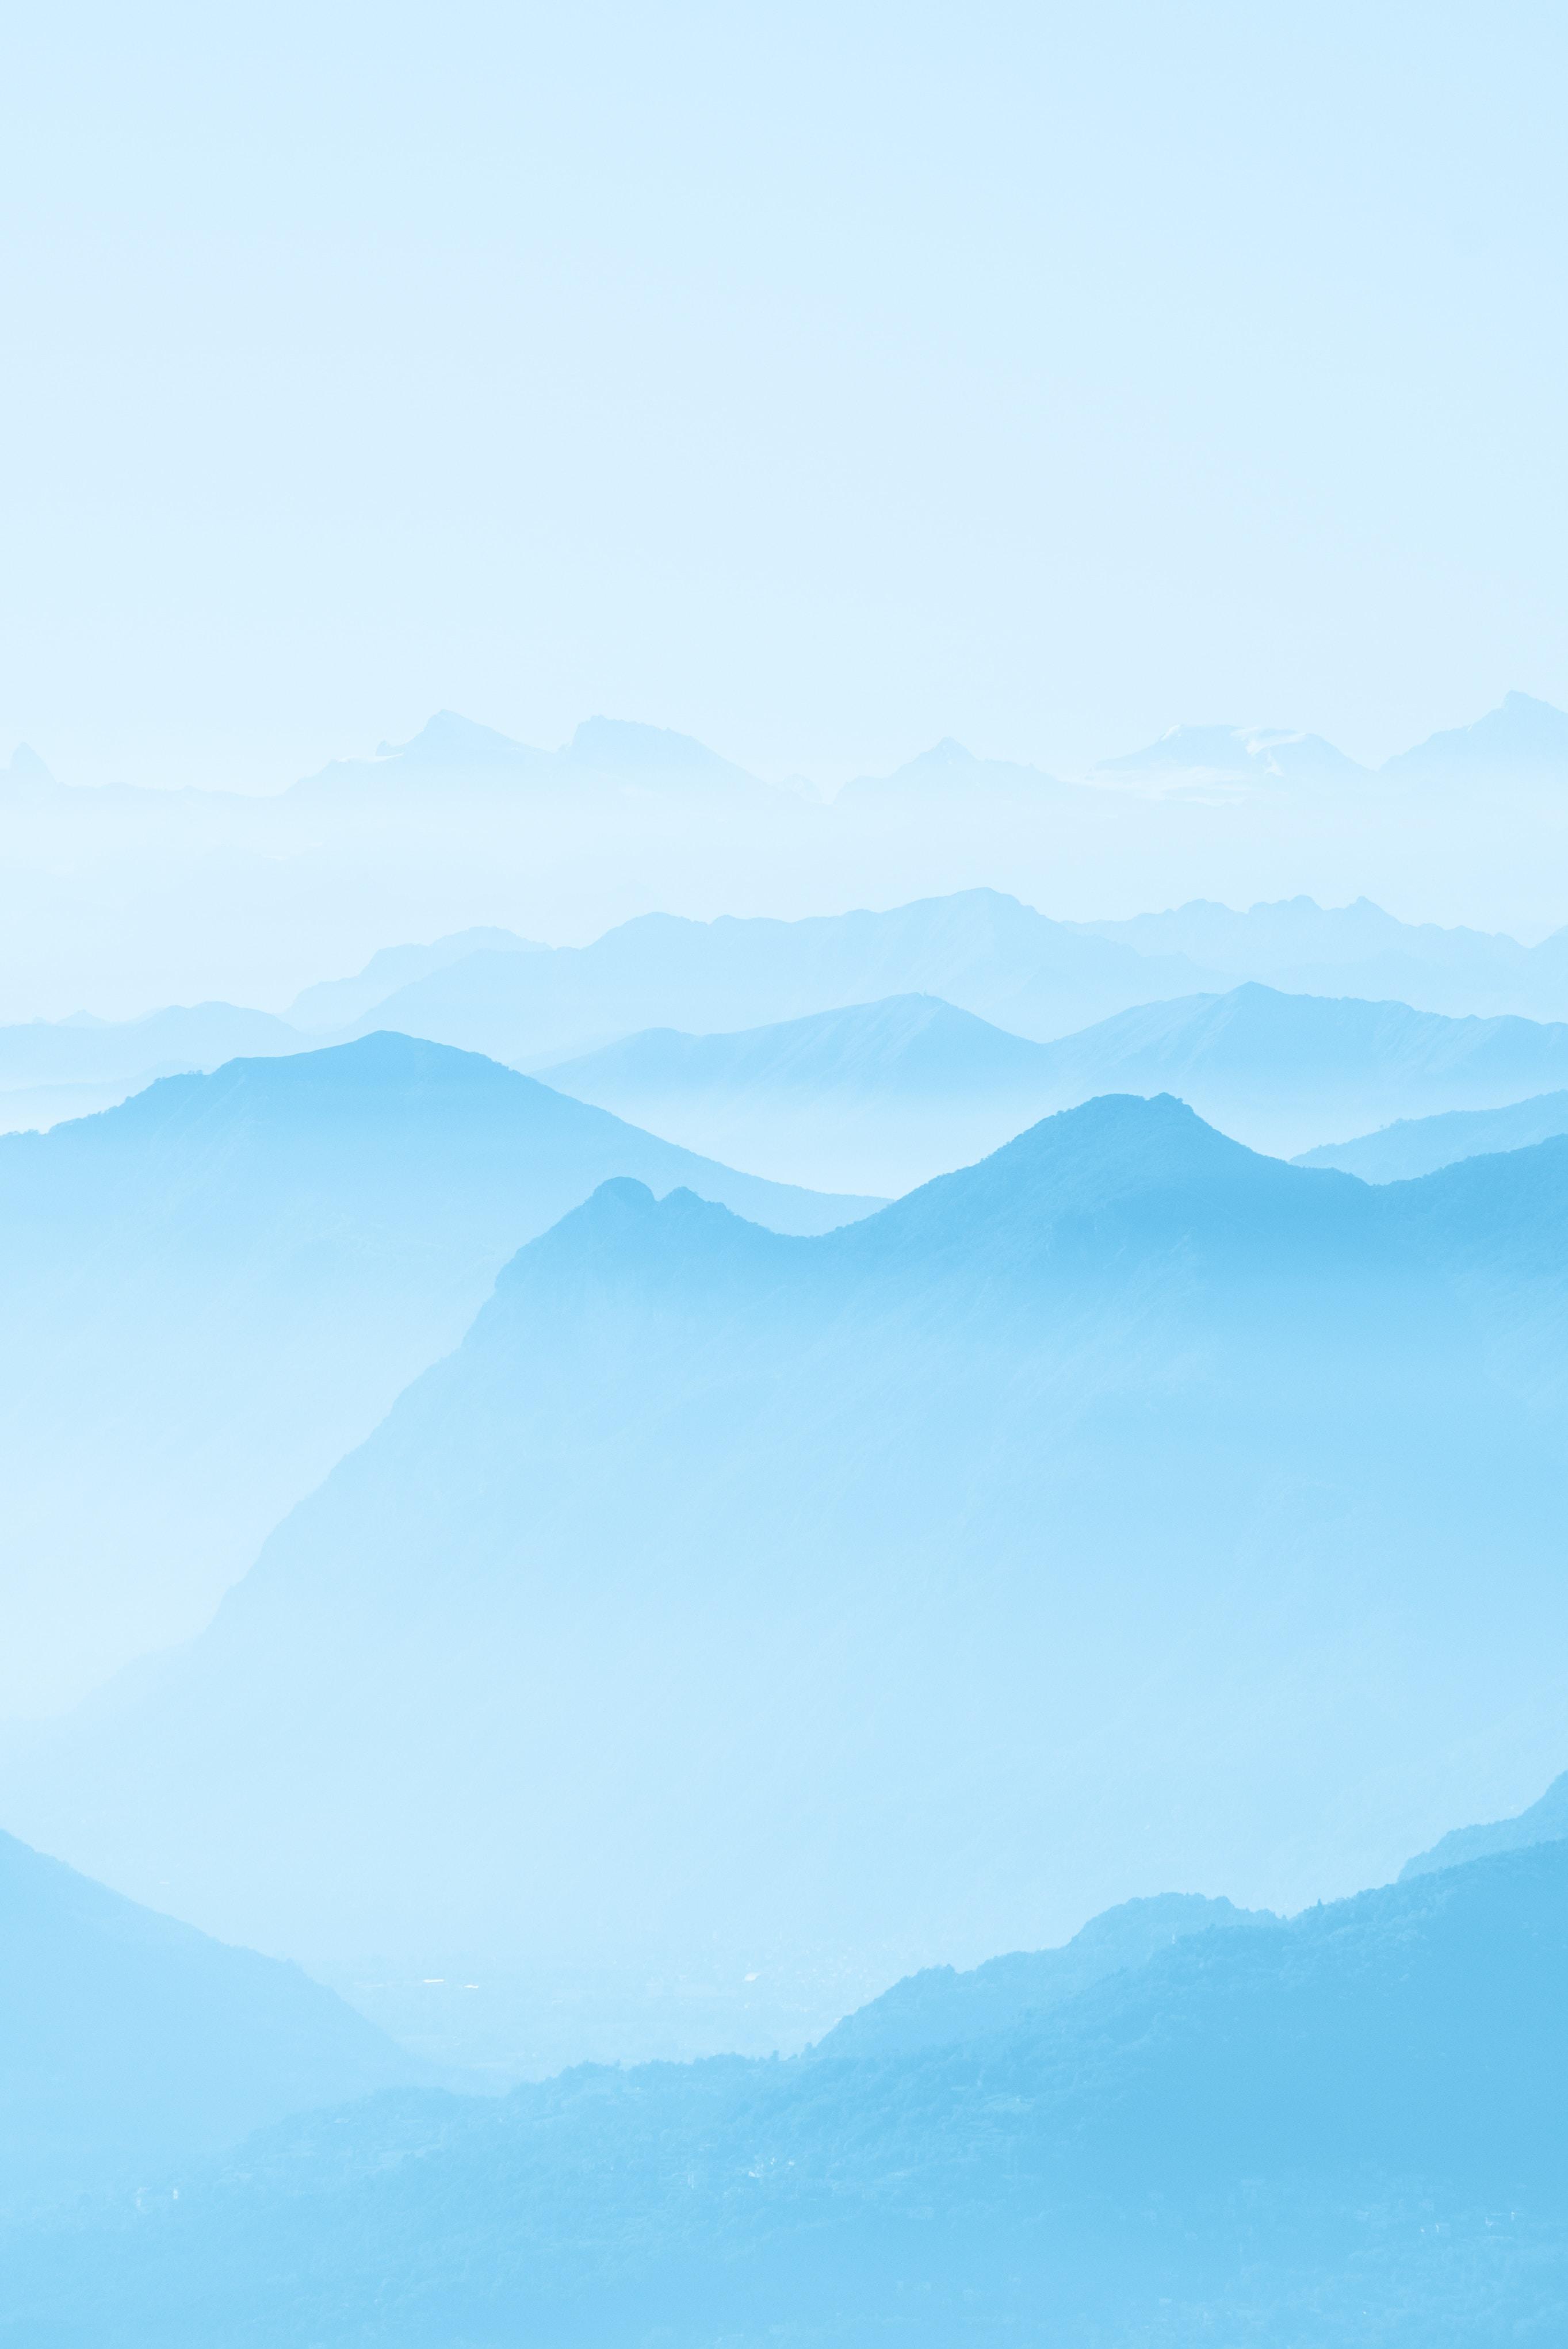 Best Wallpaper Mountain Blue - photo-1524865291454-215bdc75819e?ixlib\u003drb-0  2018_11569.5\u0026ixid\u003deyJhcHBfaWQiOjEyMDd9\u0026s\u003d545694f77b729b6870e21fbb44752a5d\u0026w\u003d1000\u0026q\u003d80